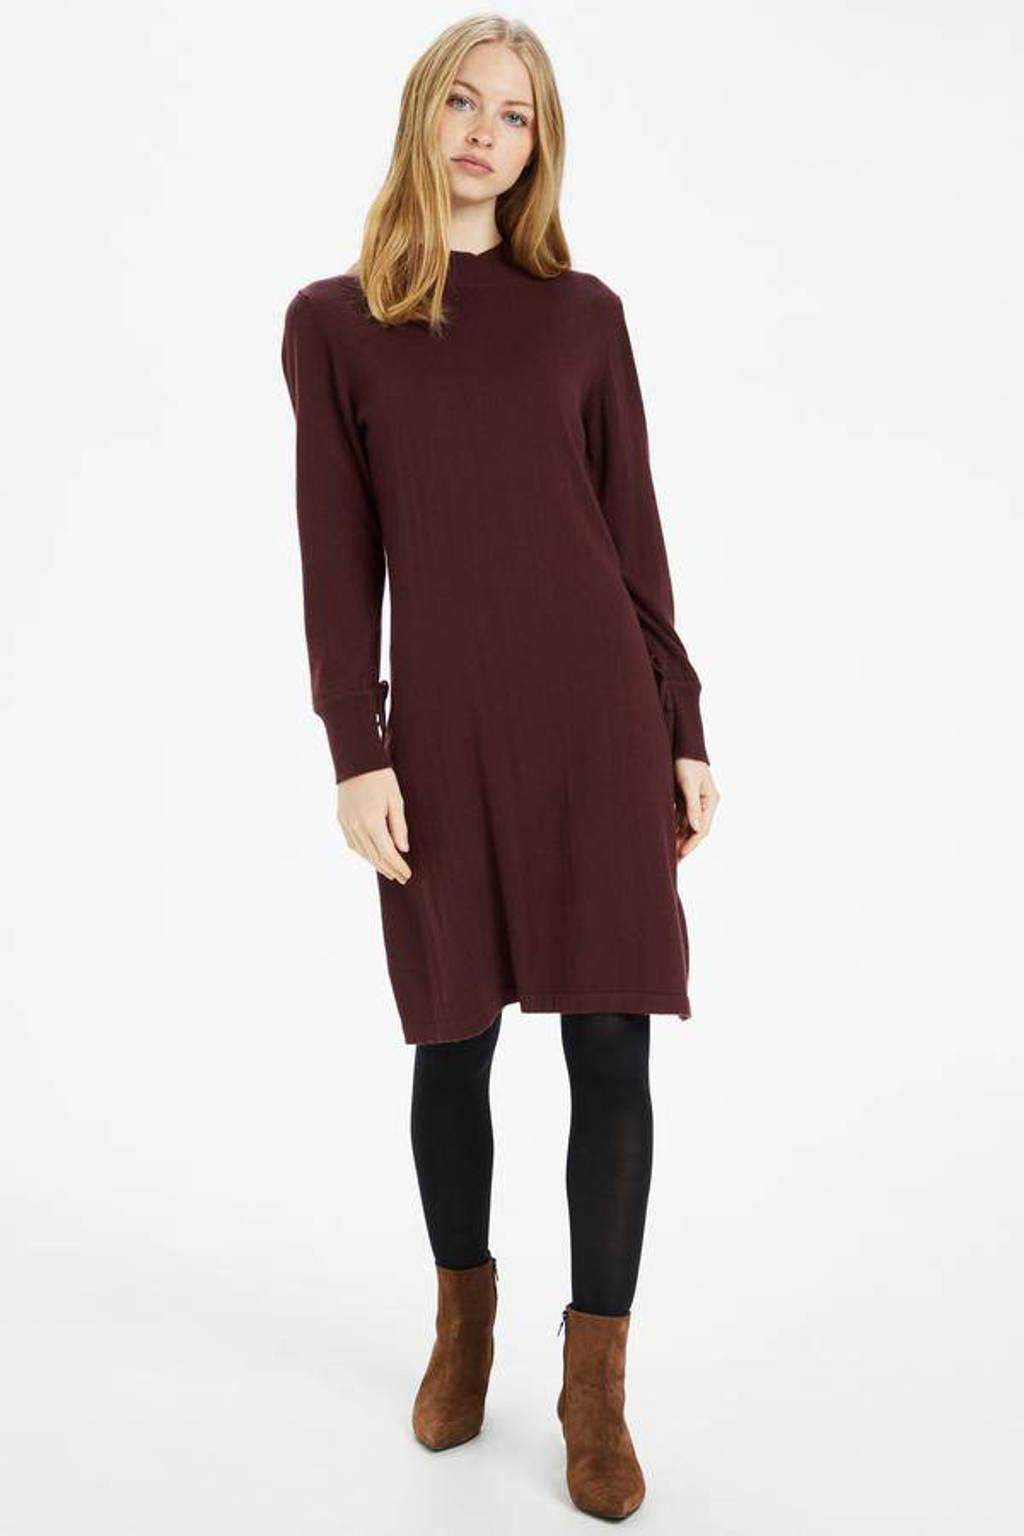 Cream A-lijn jurk BellaCR Dress bruin, Bruin